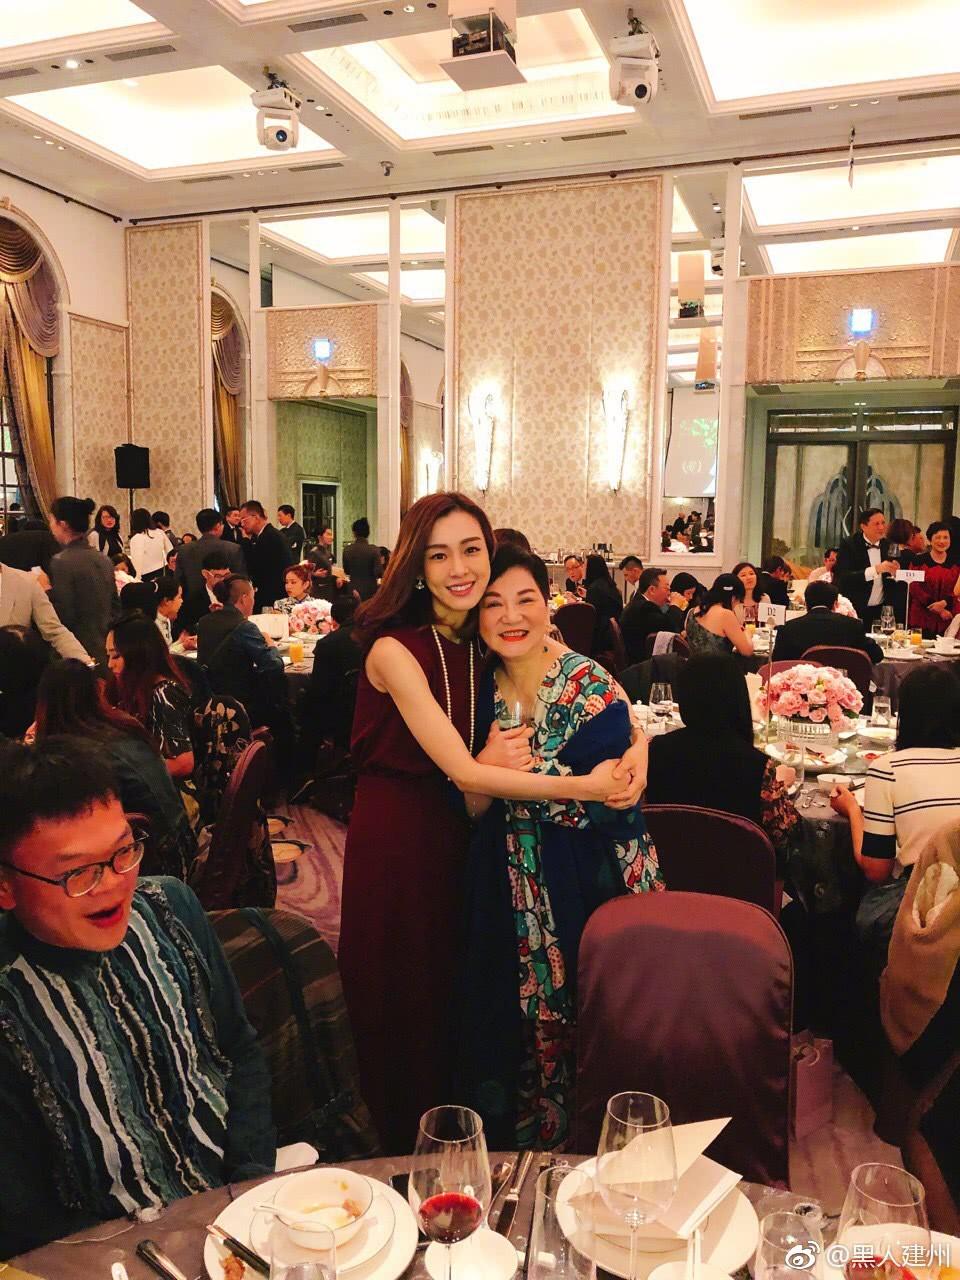 Đám cưới hoành tráng mời nửa showbiz Đài: Cô dâu năm nay đã 54 tuổi - Ảnh 12.